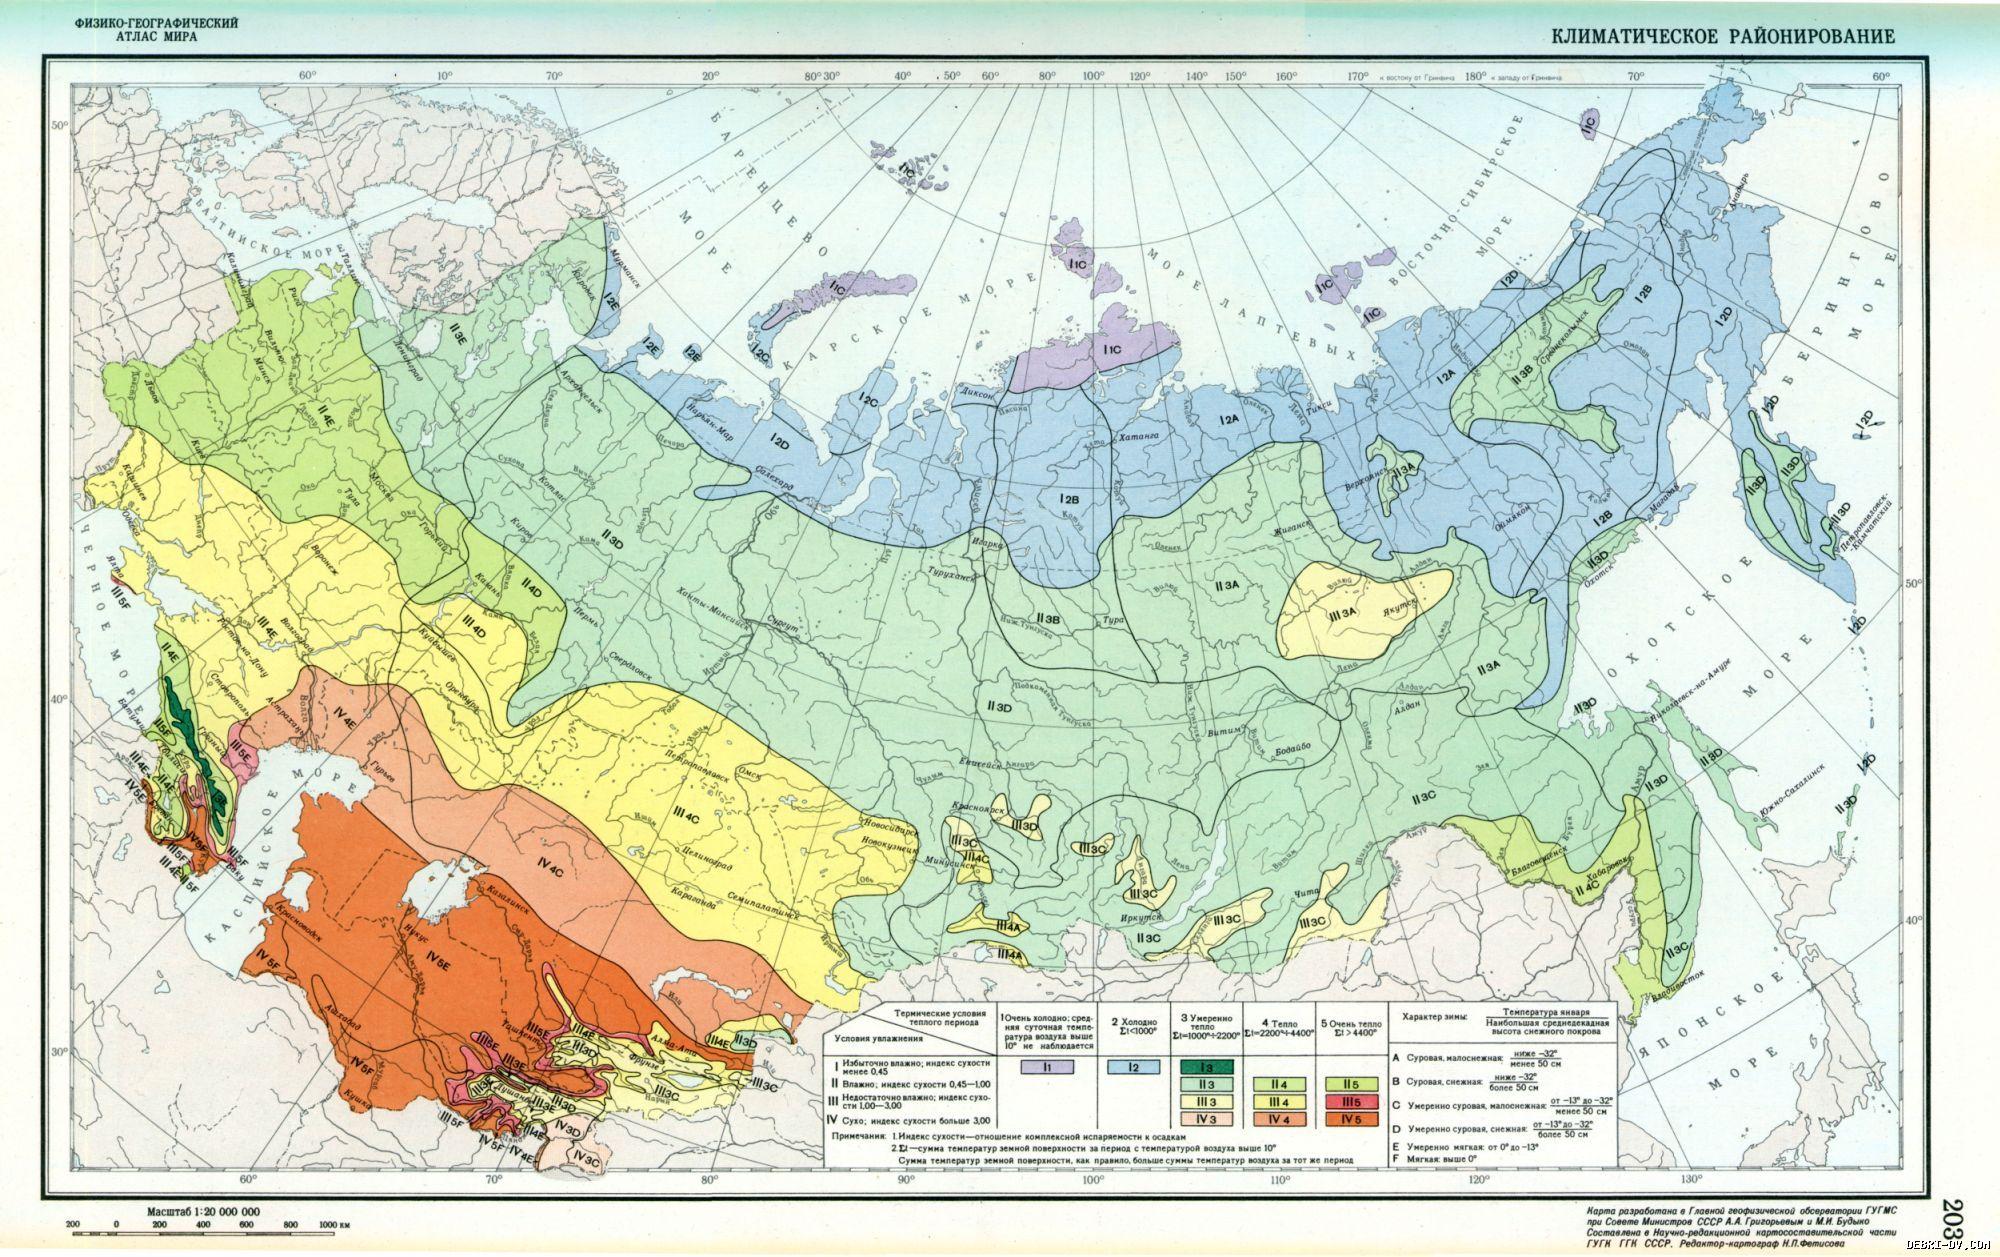 Зимостойкость и морозостойкость растений россии – зоны, таблица, описание